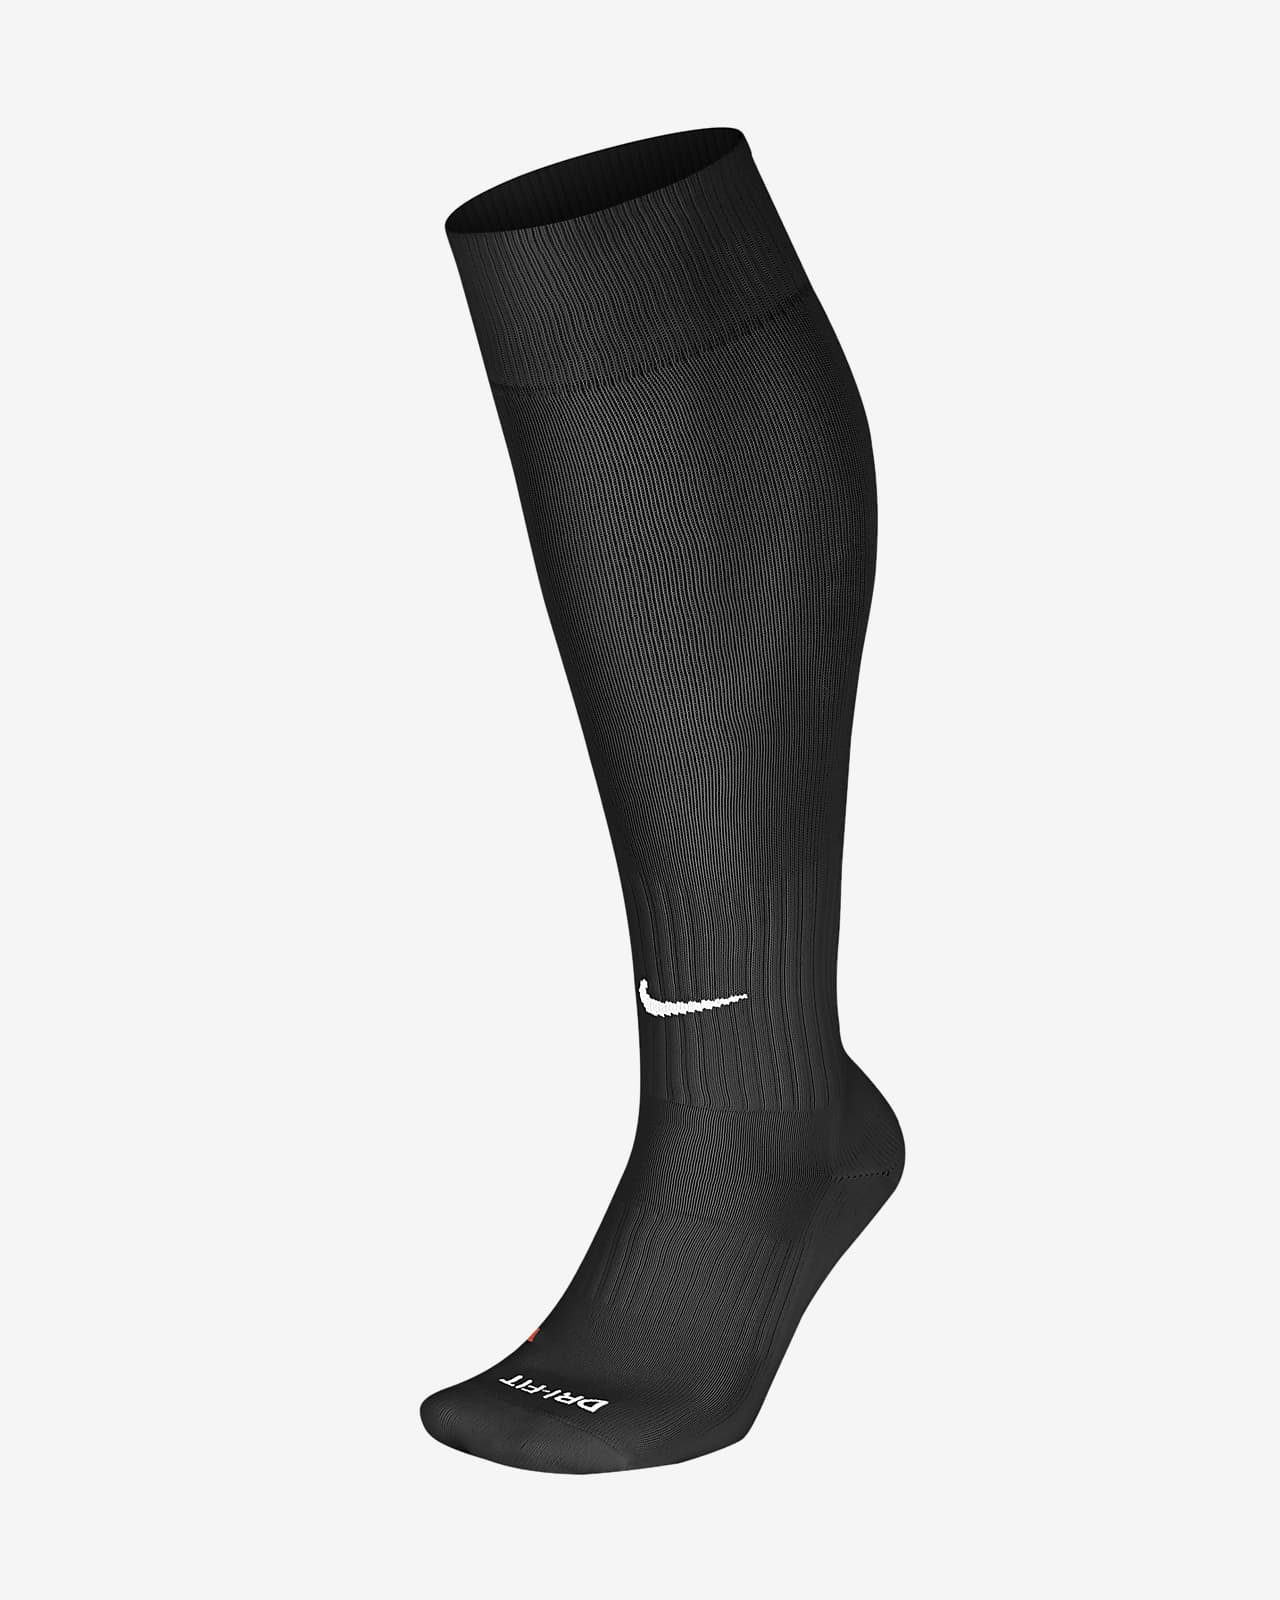 Nike Classic 足球袜